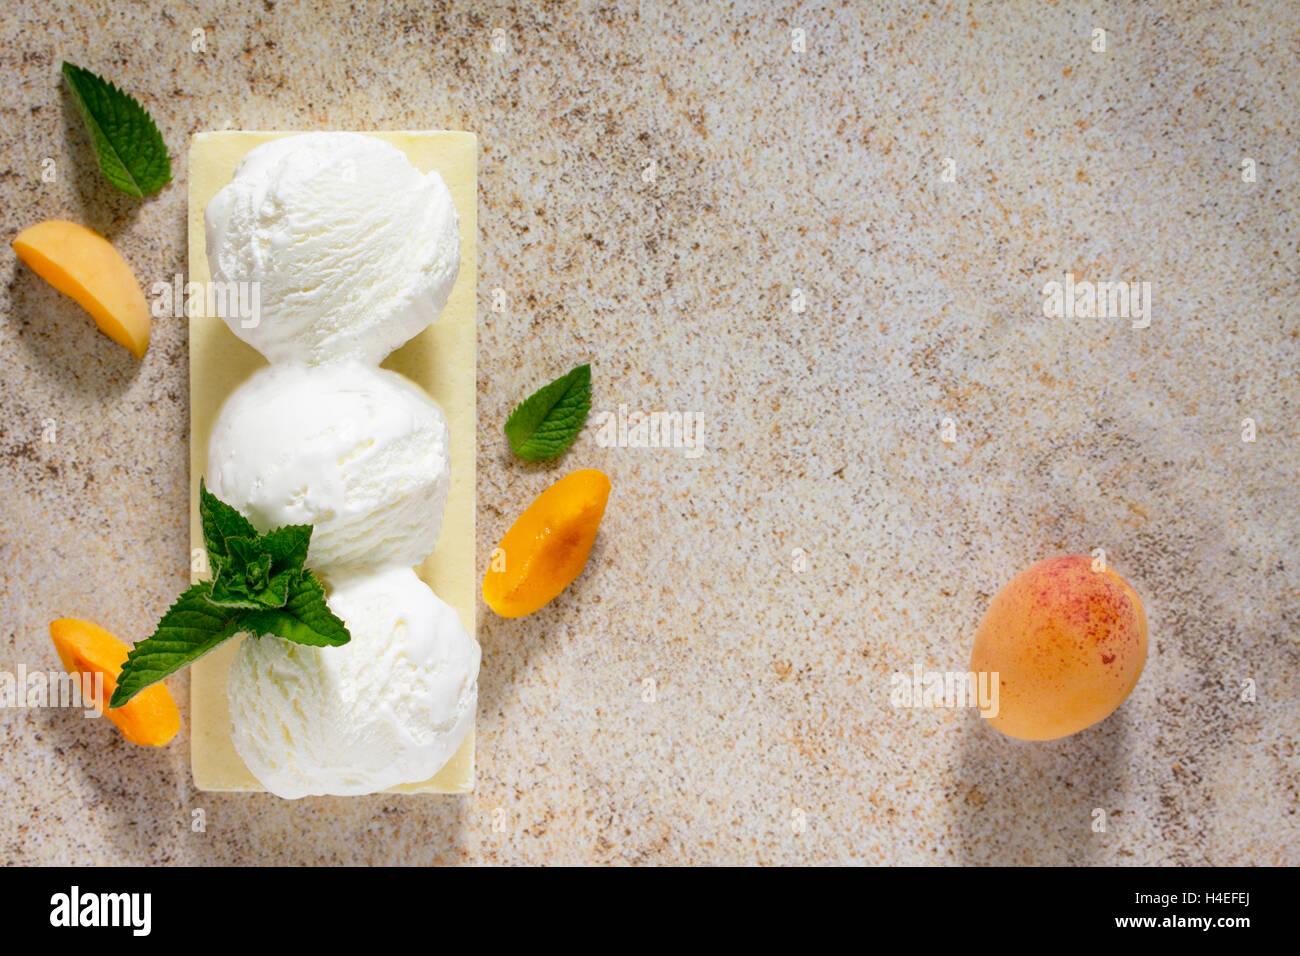 La crème glacée avec une pêche dans une forme une boule, la place pour votre texte. Photo Stock